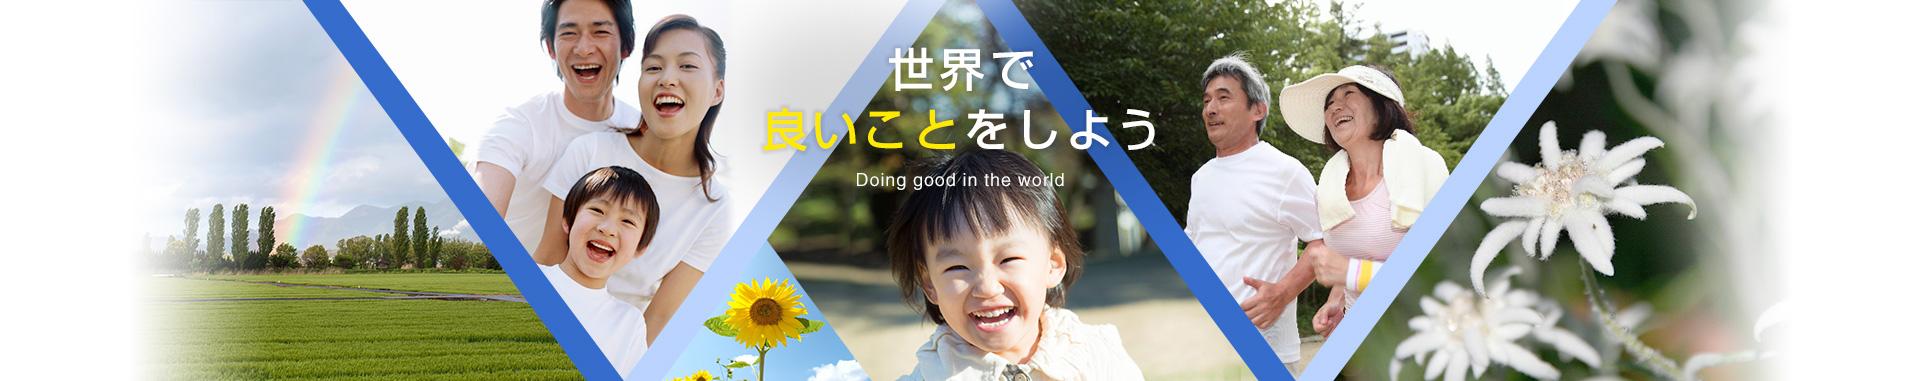 世界で良いことをしよう Doing good in the world